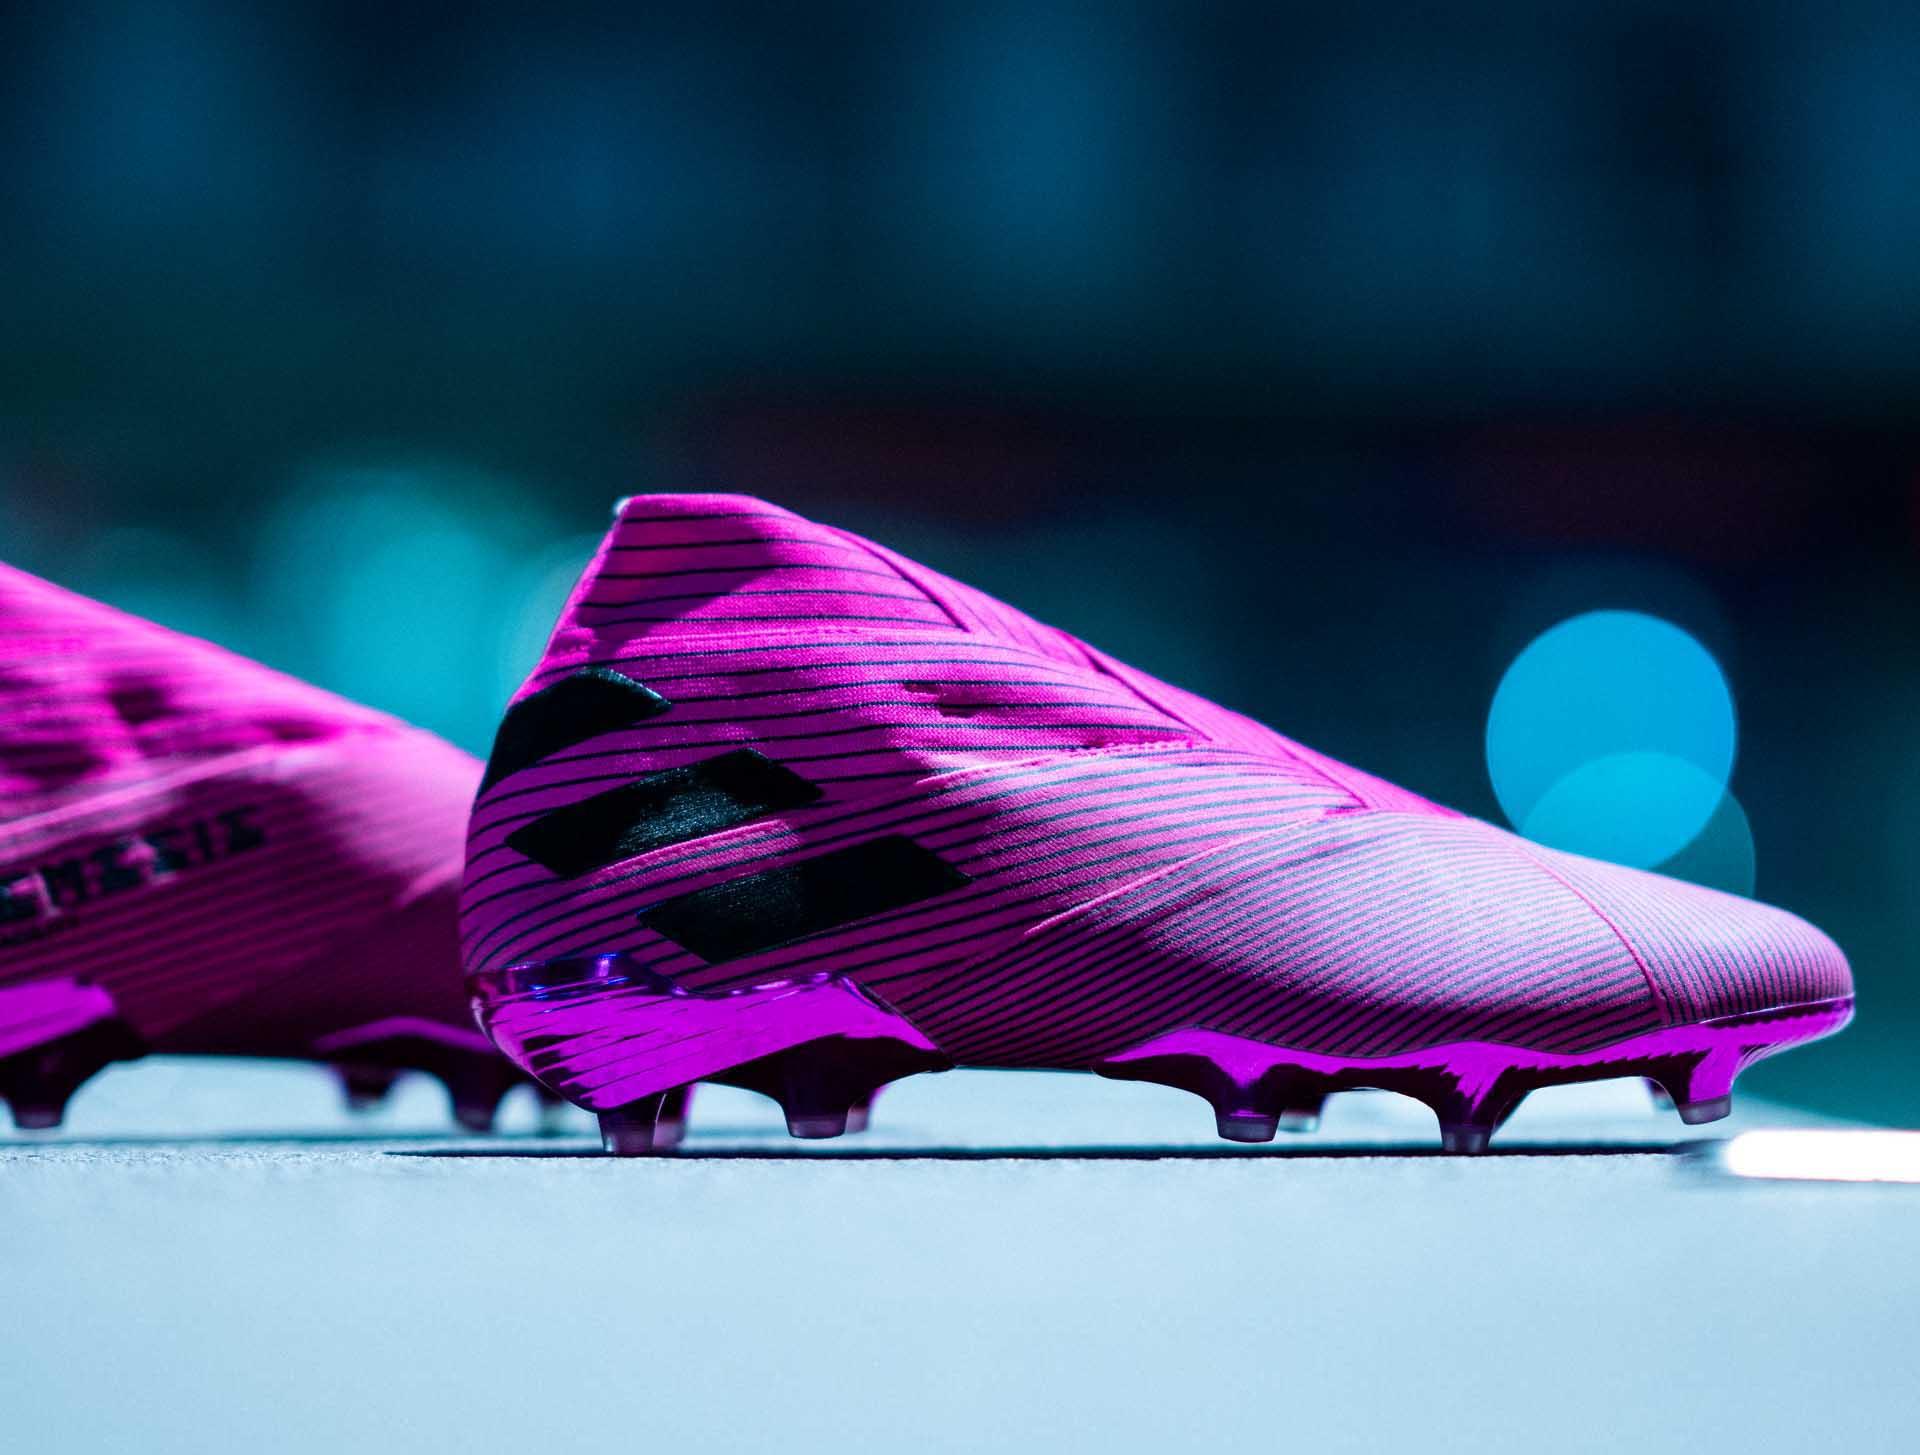 Giày đá banh chính hãng. Giày đá banh Adidas. Giày đá banh cổ cao.